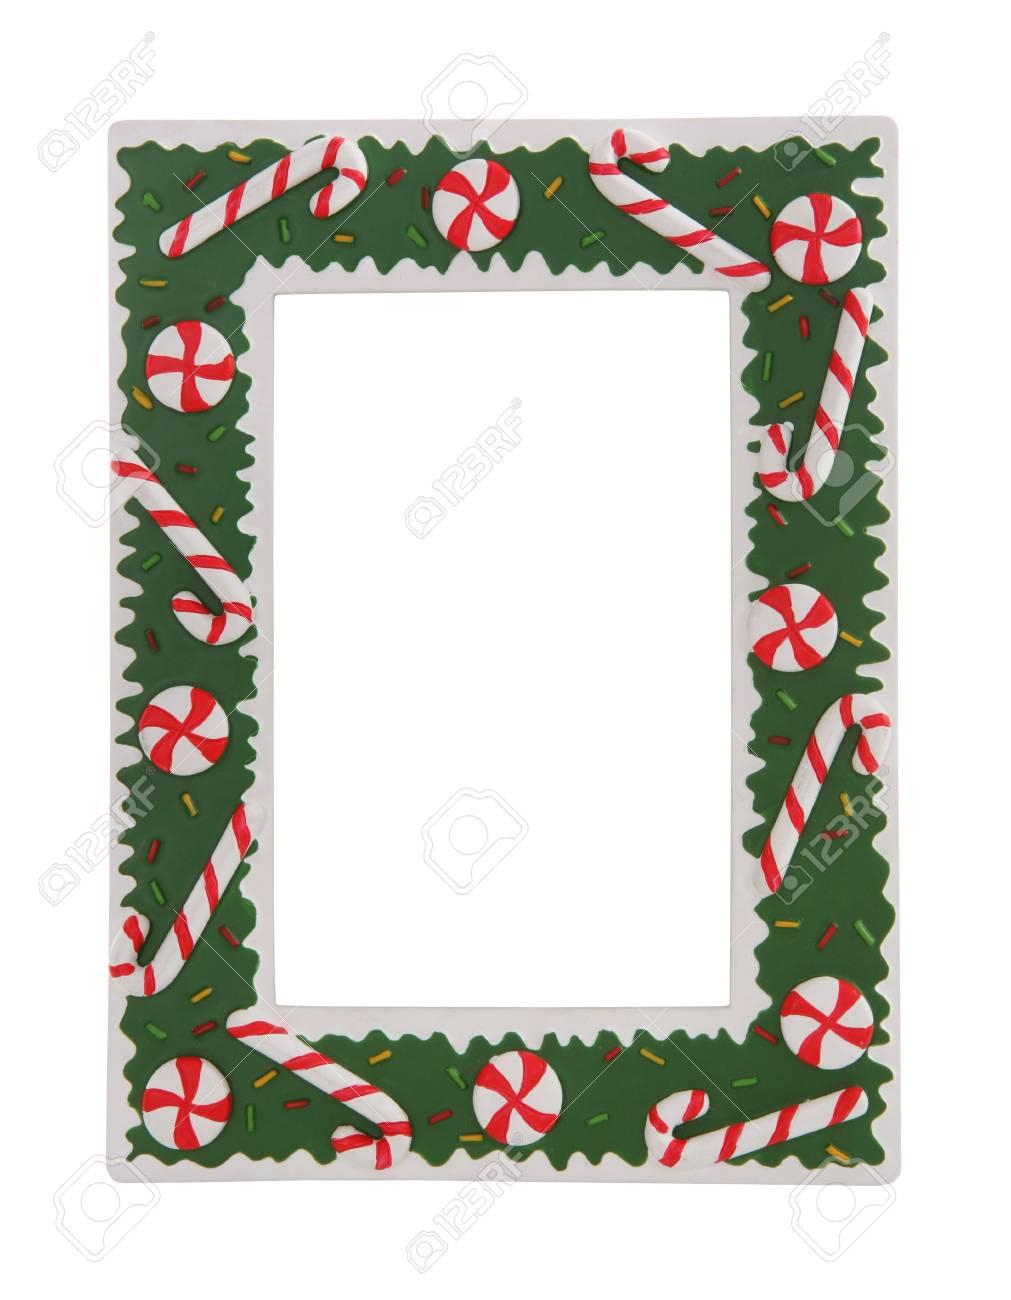 Niedlich Bilderrahmen Für Weihnachten Fotos - Benutzerdefinierte ...